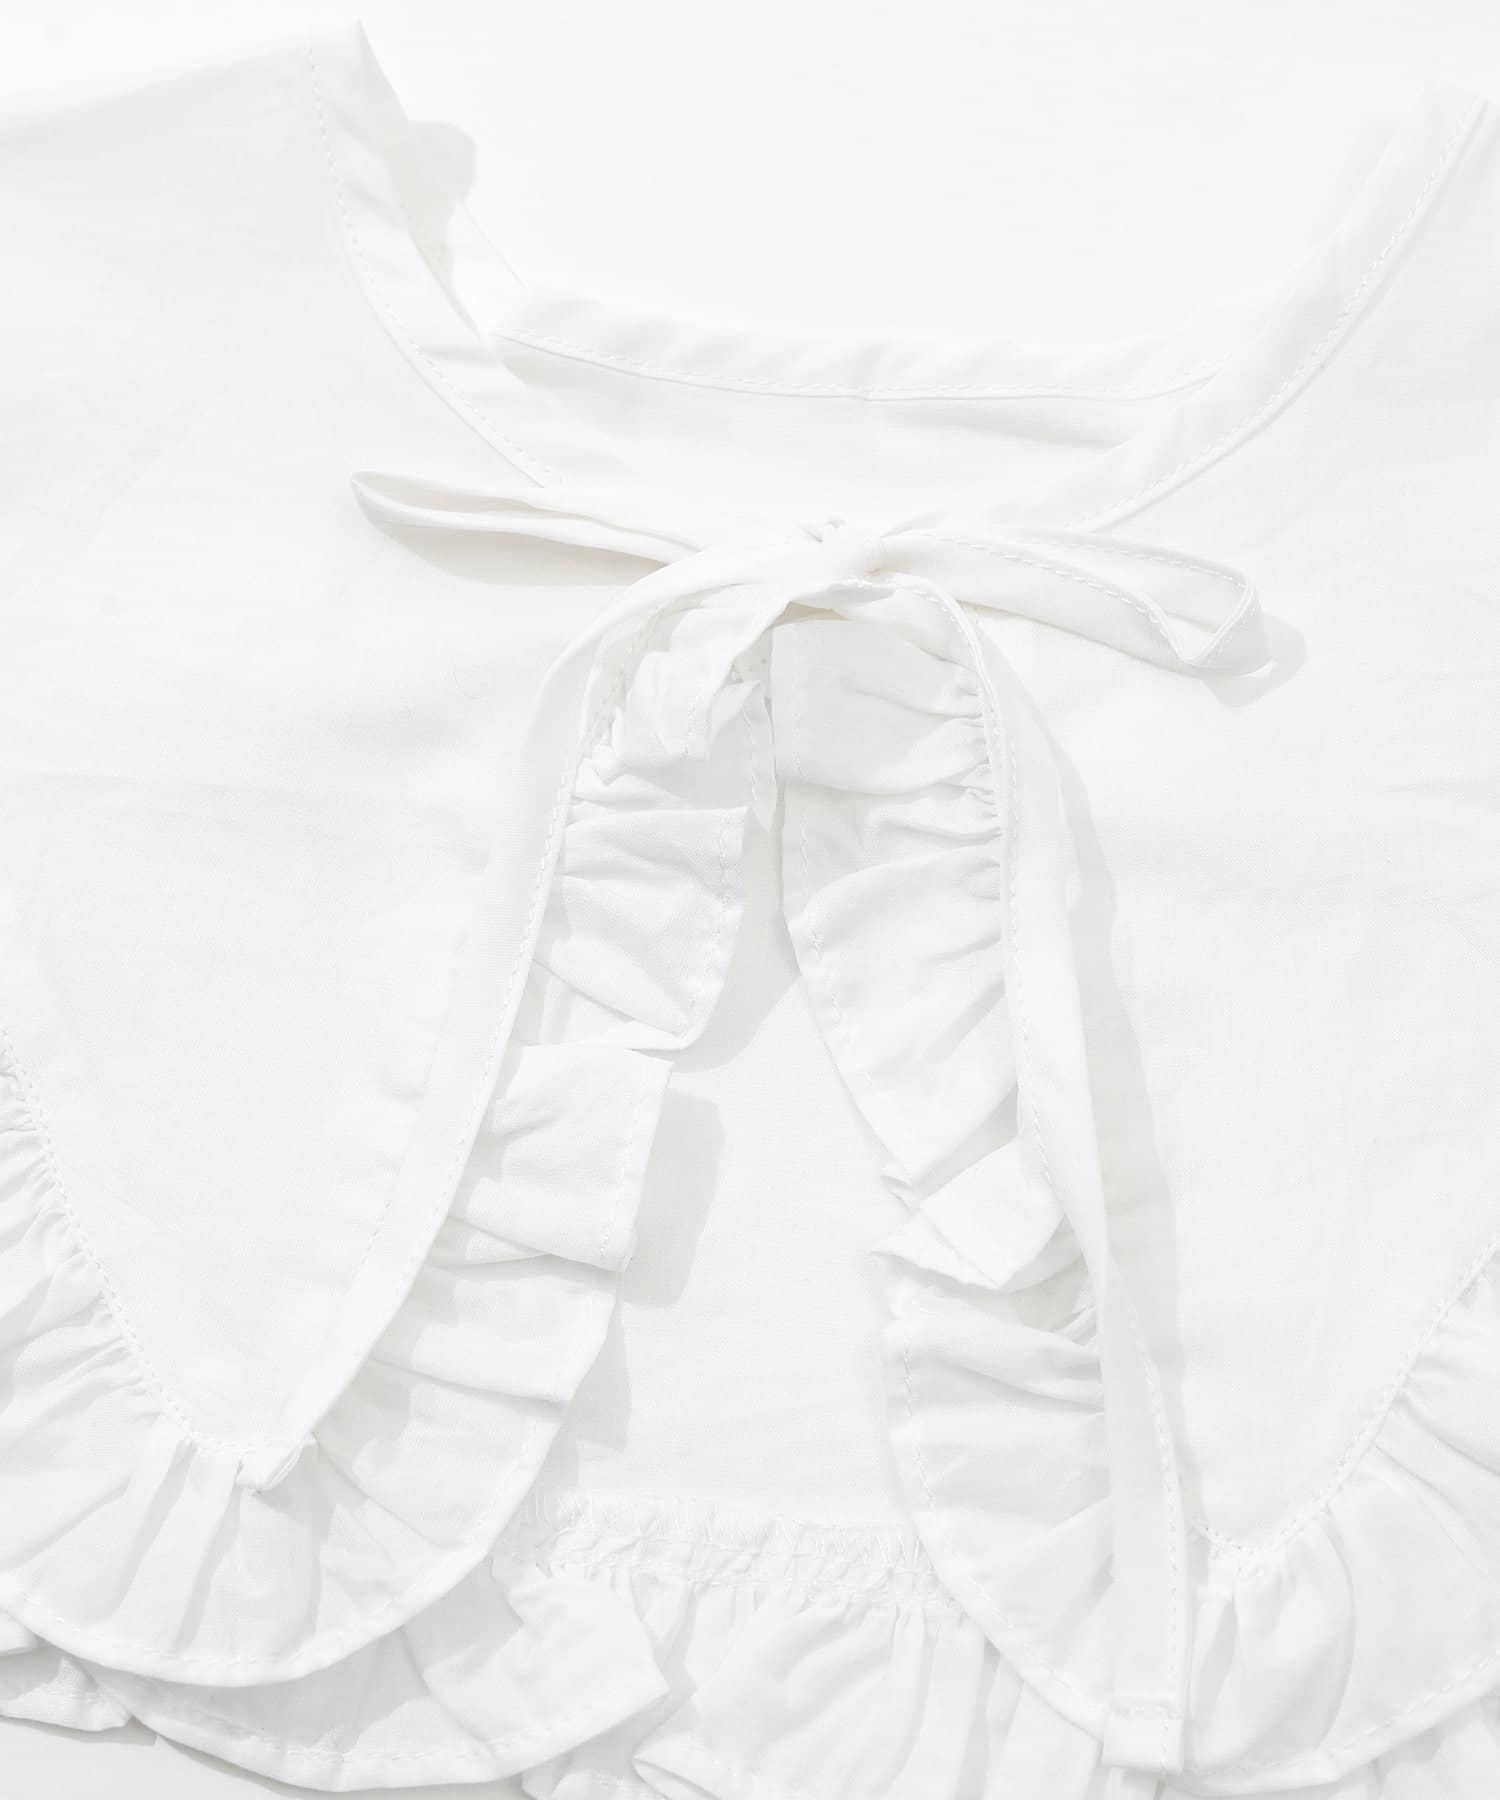 3COINS(スリーコインズ) 【ASOKO】<コーディネートのワンポイントに>フリルリボンつけ襟